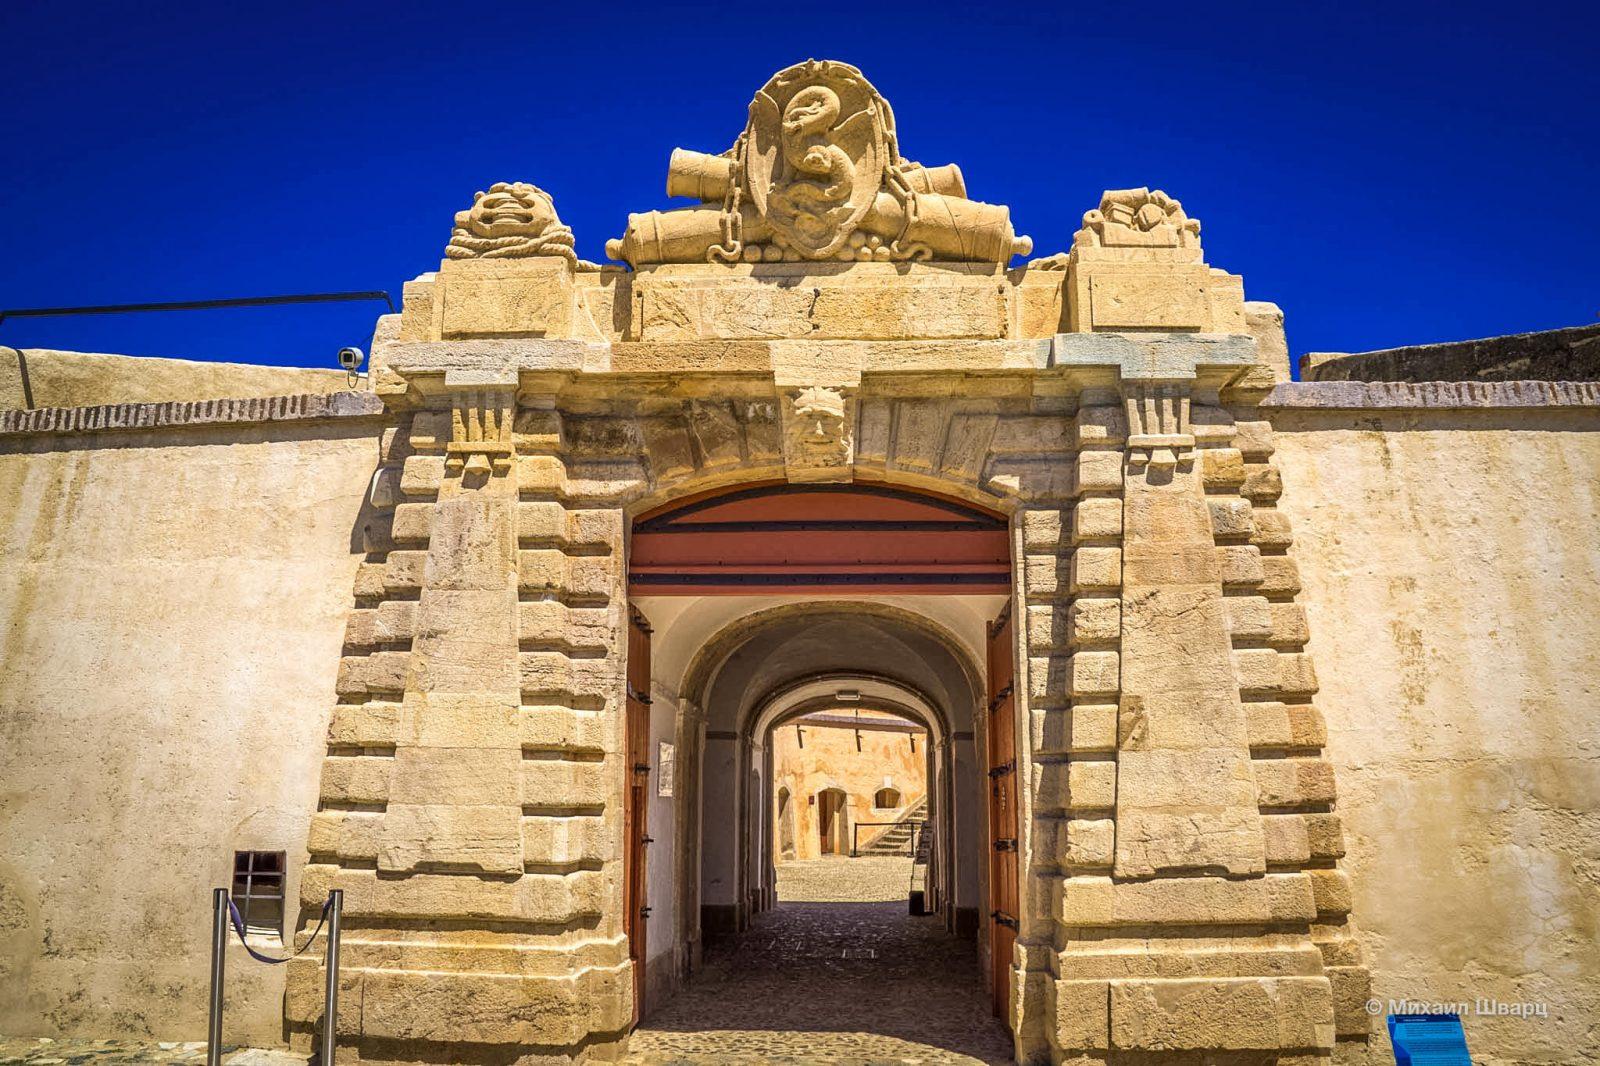 Ворота, ведущие в крепость